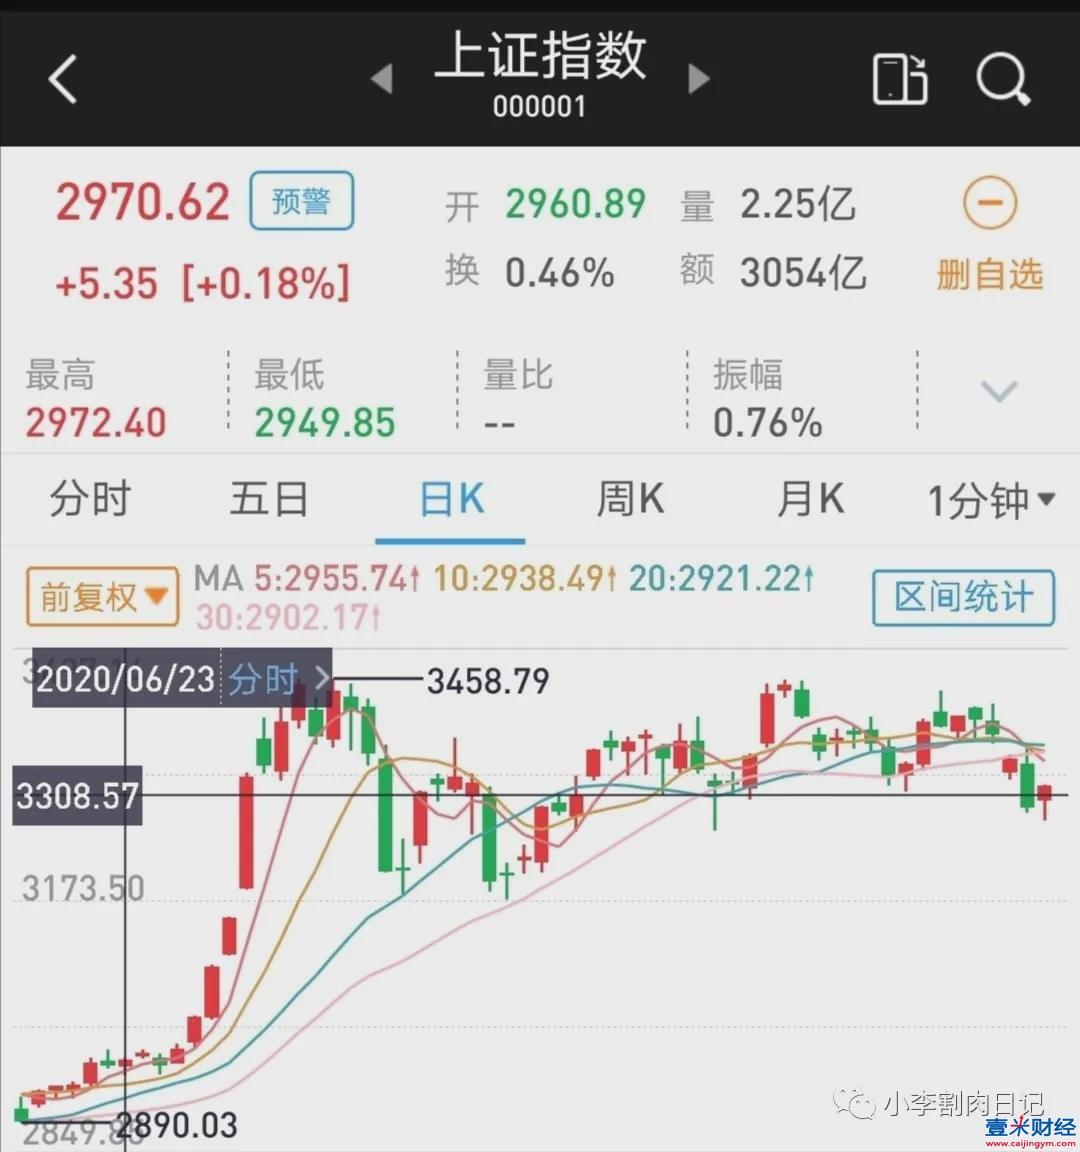 天山生物股票行情分析!